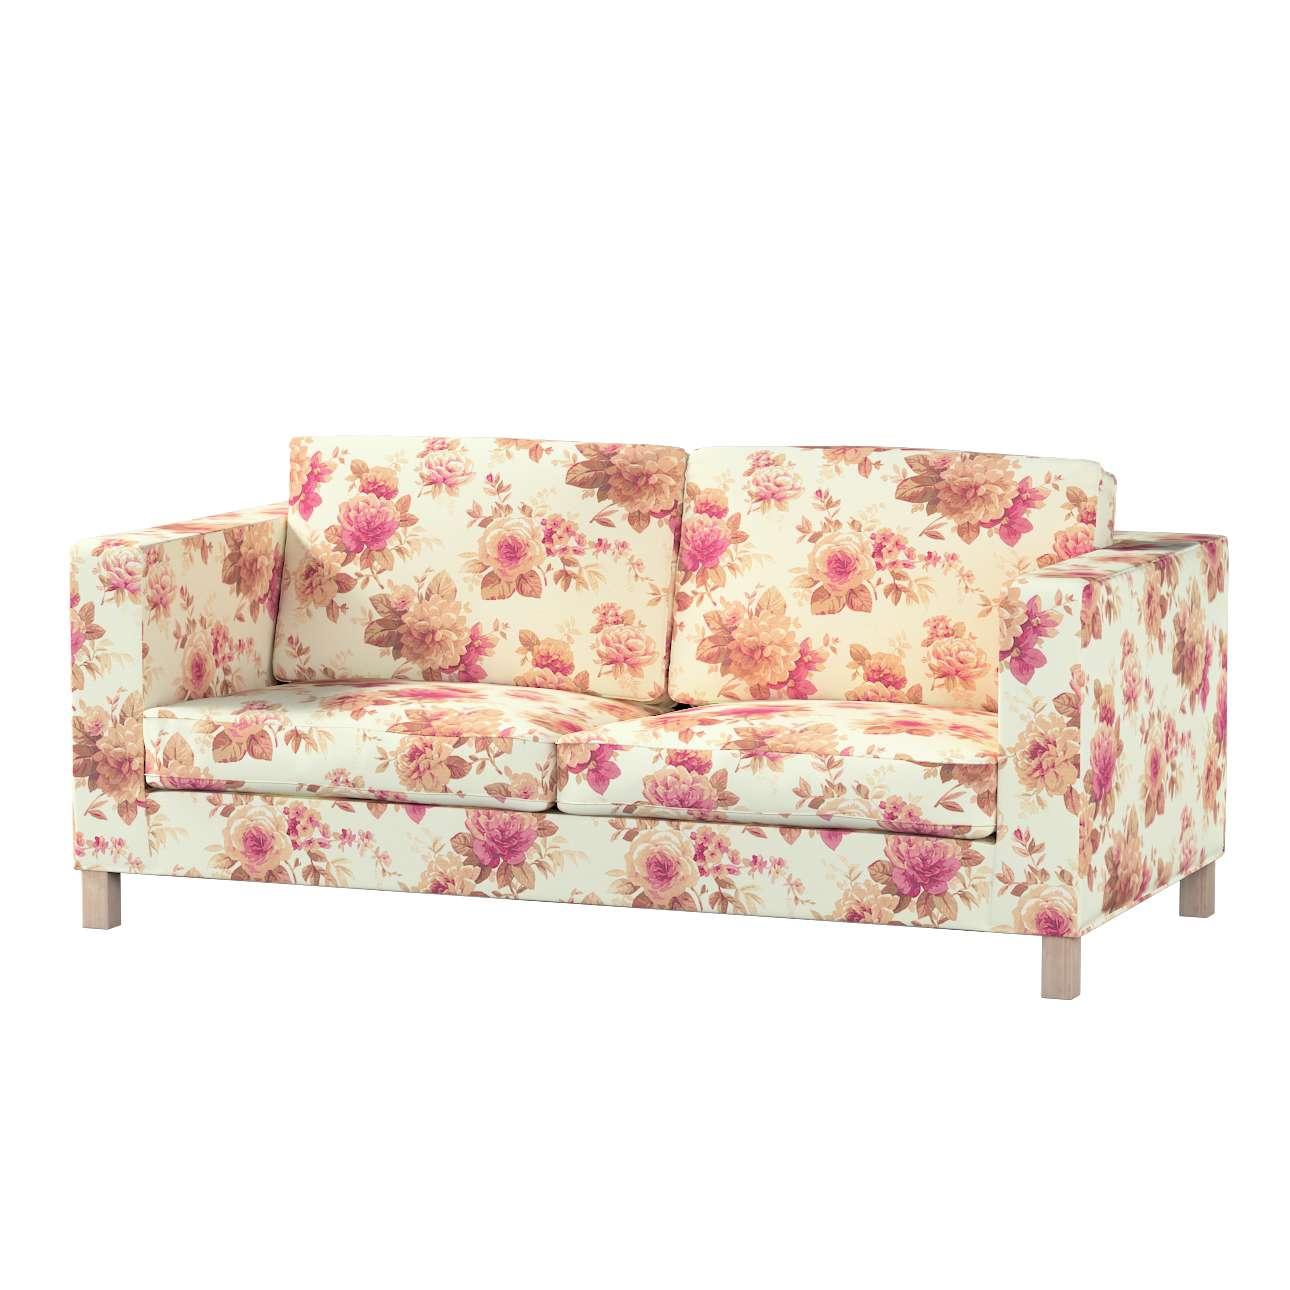 KARLANDA sofos lovos užvalkalas KARLANDA sofos lovos užvalkalas kolekcijoje Mirella, audinys: 141-06